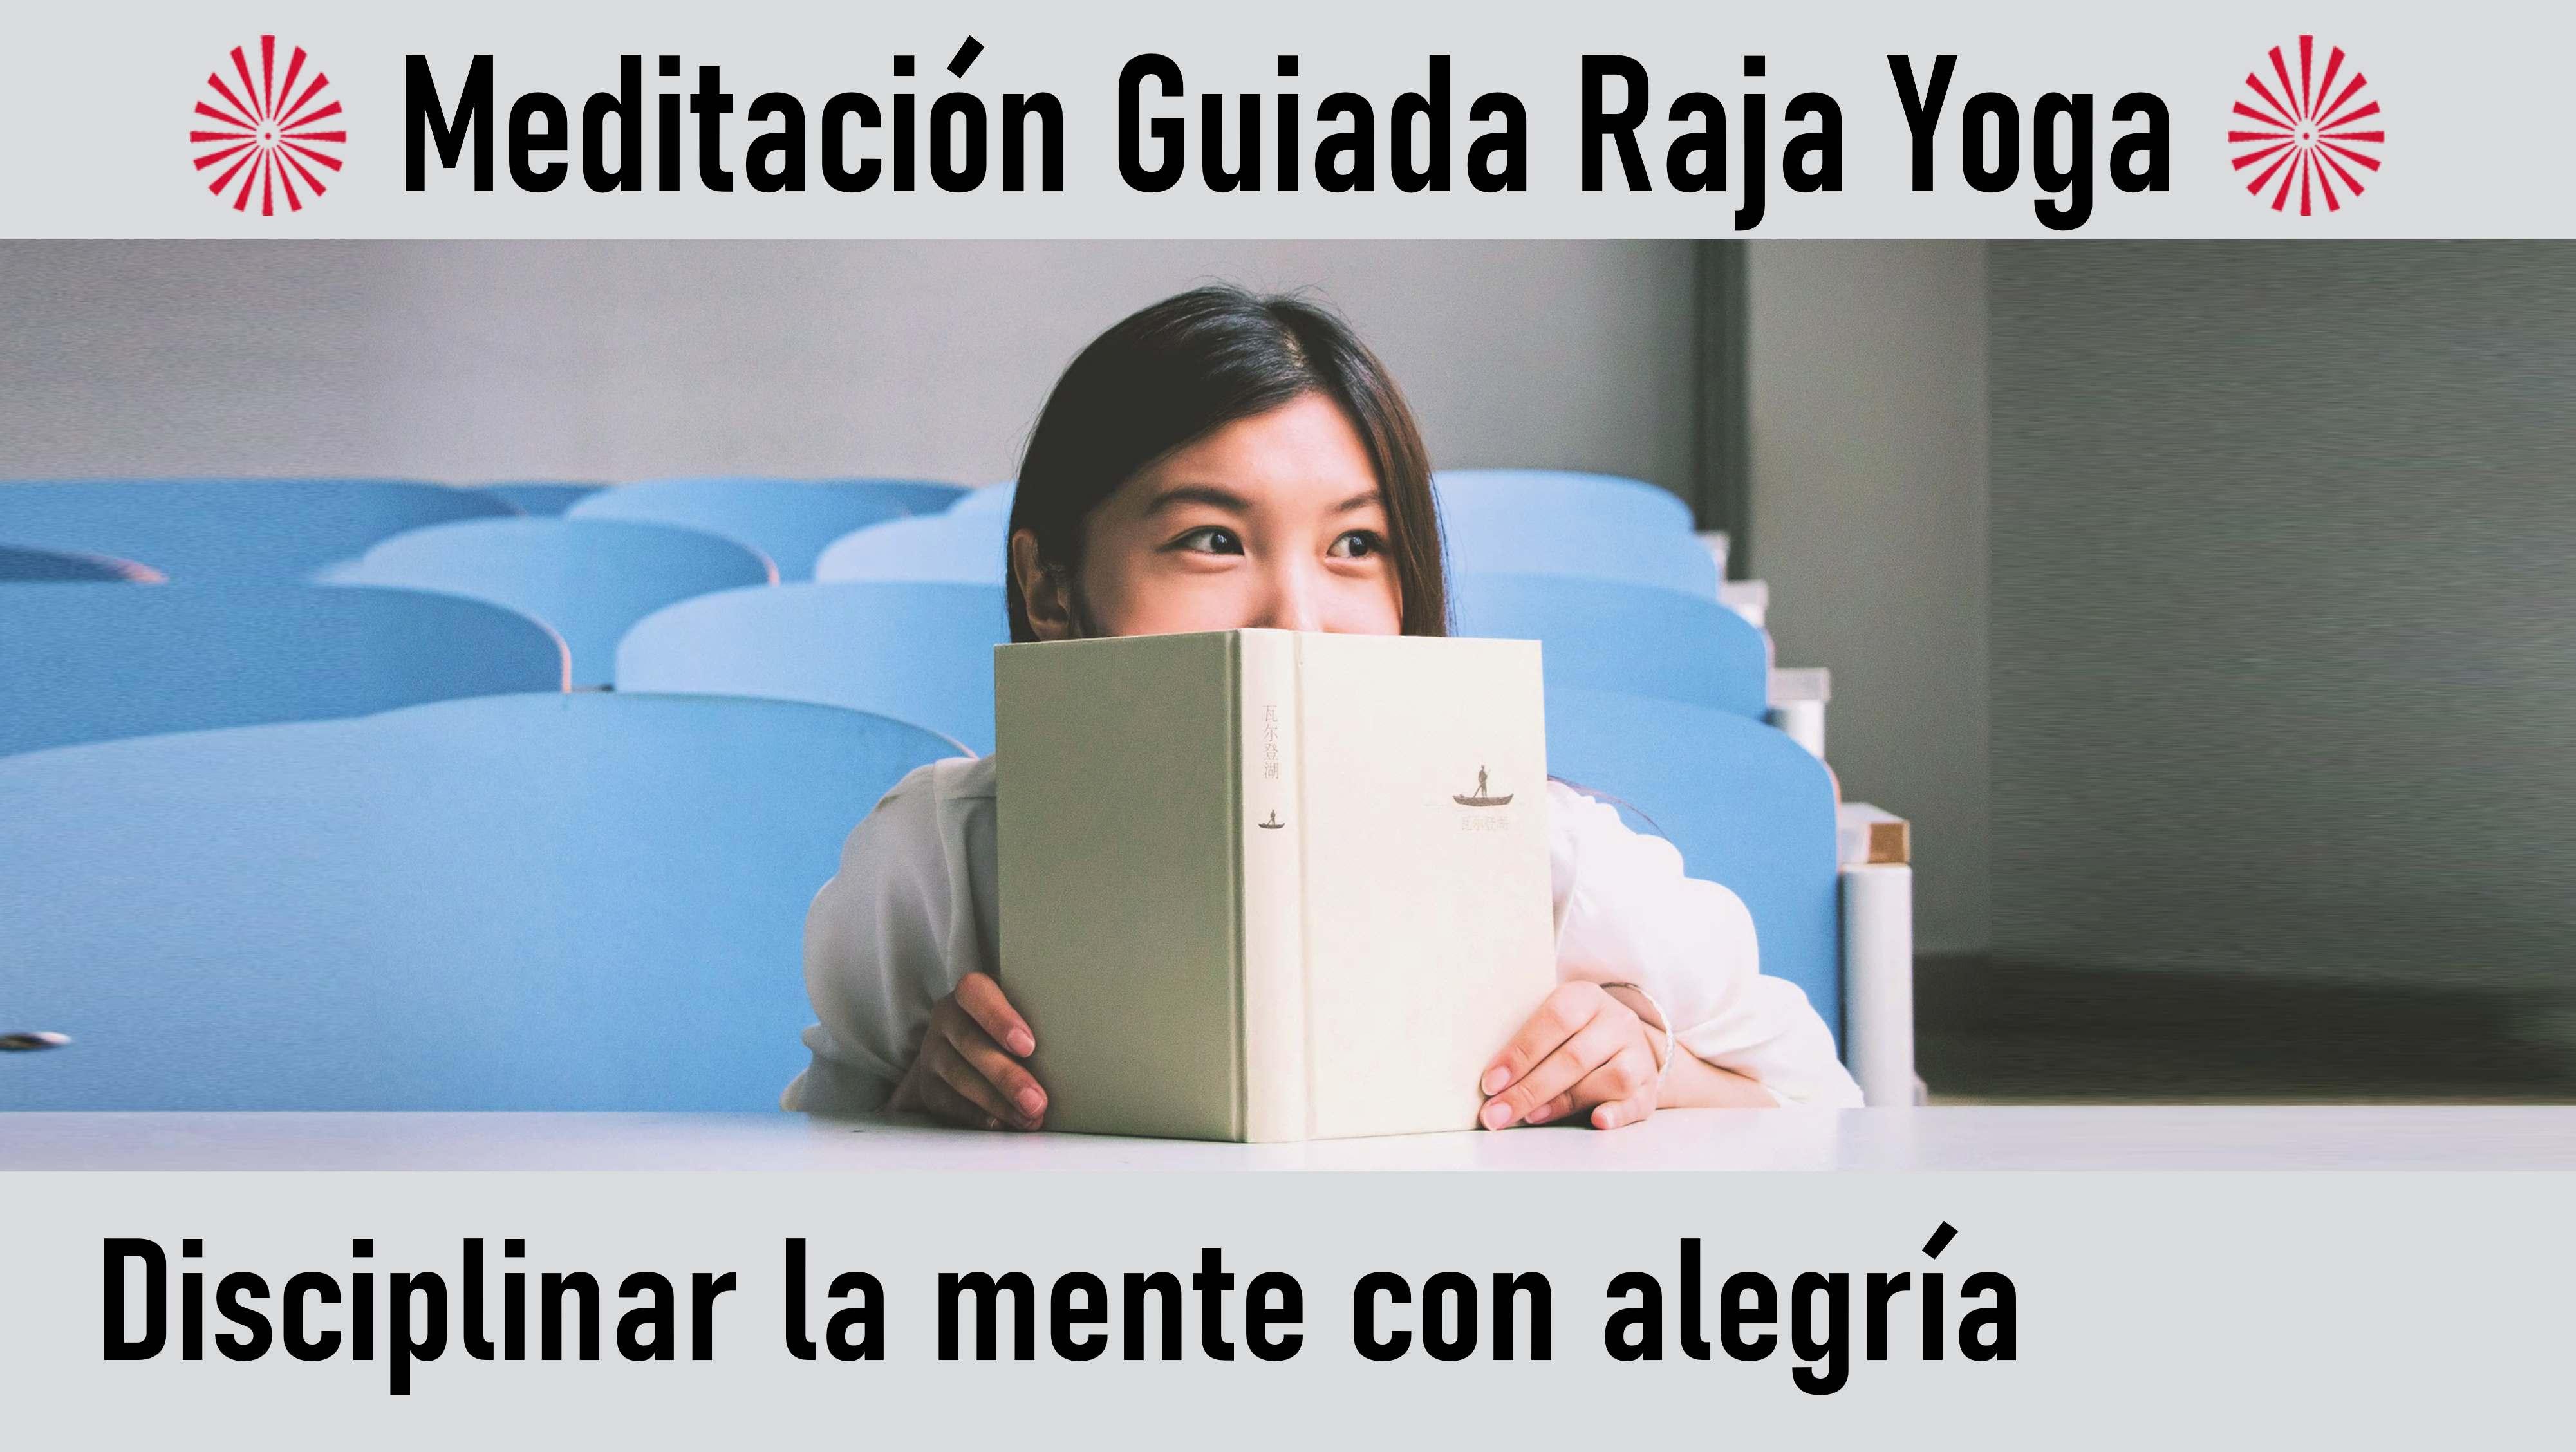 Meditación Raja Yoga: Disciplinar la mente con alegría (22 Agosto 2020) On-line desde Valencia